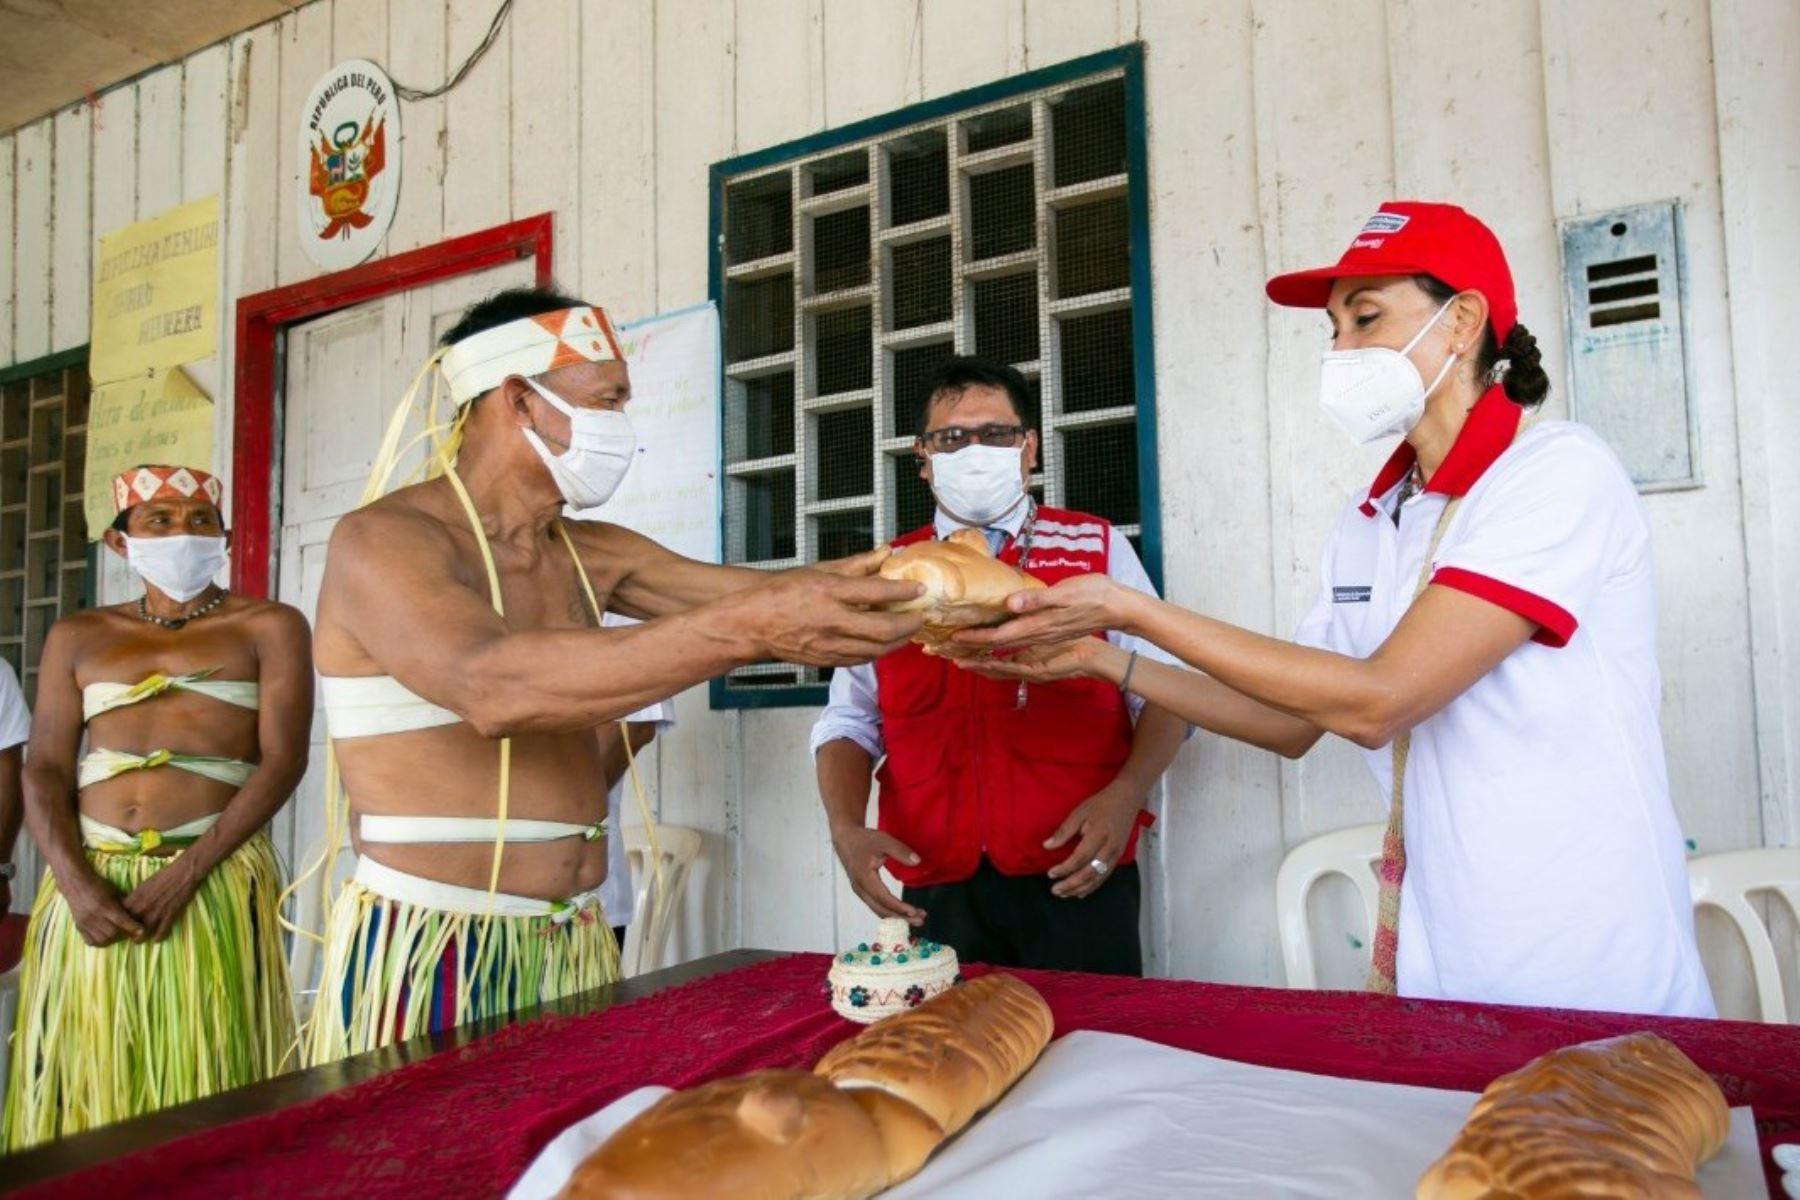 Gobierno entregará alimentos a más de un millón de personas en situación de vulnerabilidad. ANDINA/Difusión